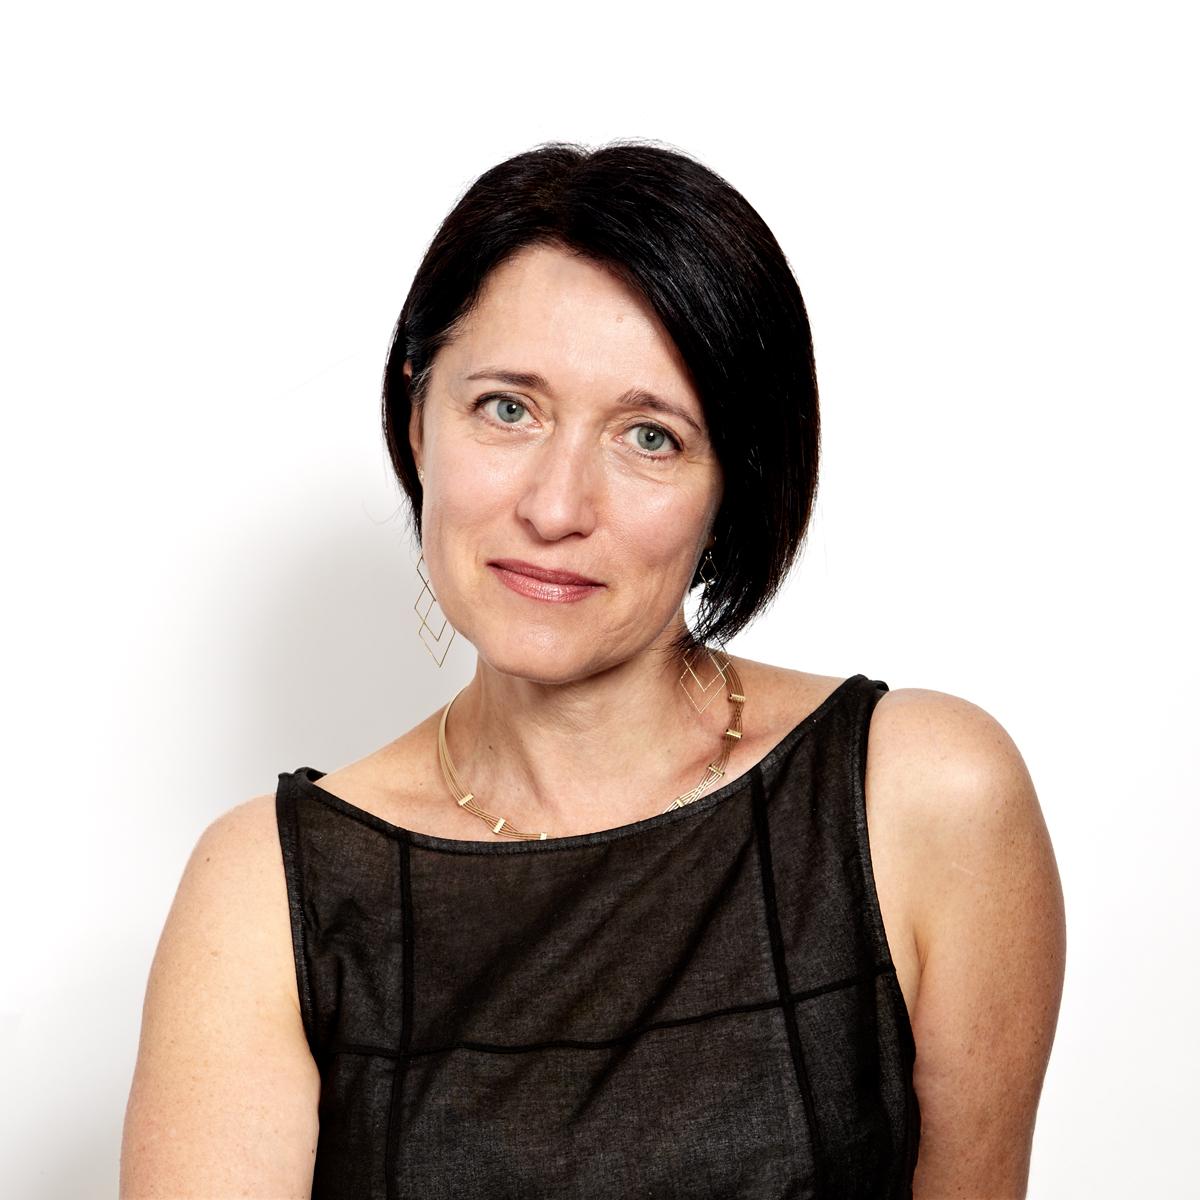 Maya Kopytman